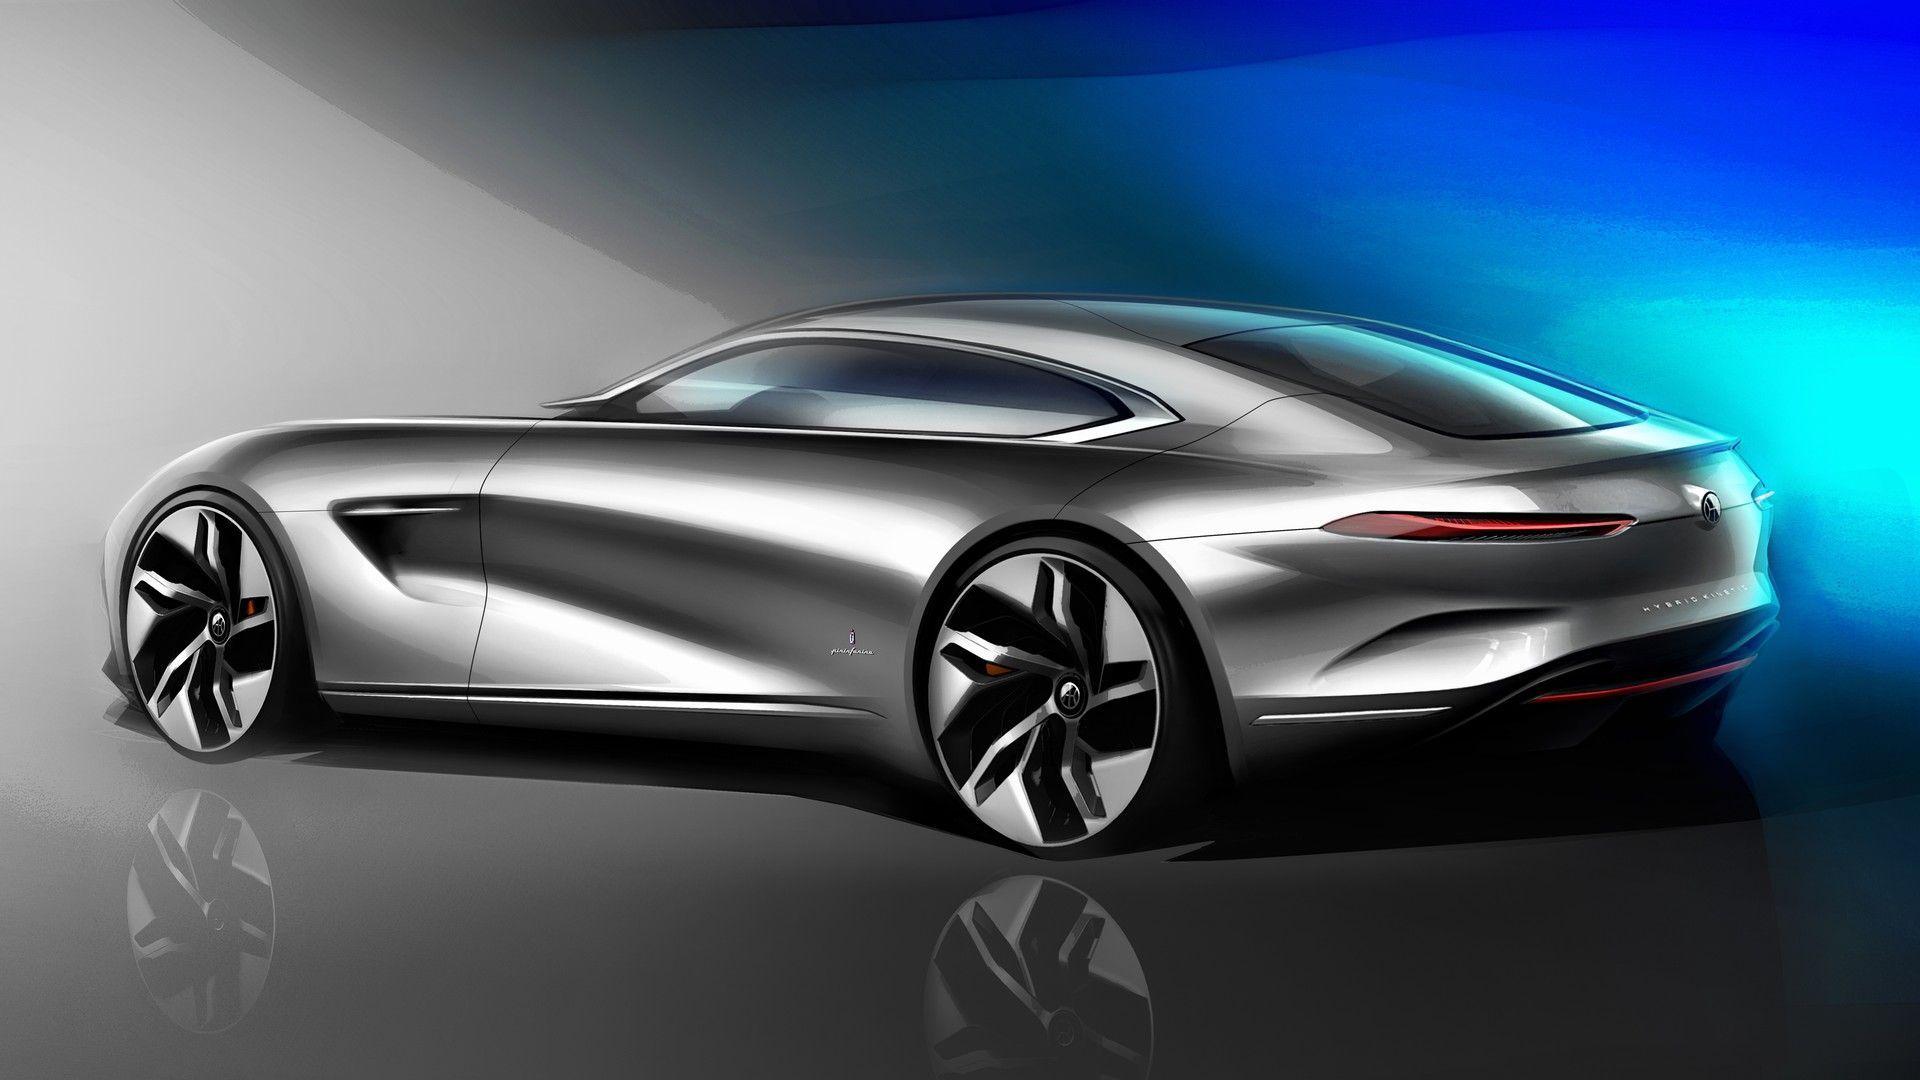 10 Best Electric And Hybrid Cars Sport Suv Luxury Sedan Definition Hybrid Car Car Design Sketch Best Hybrid Cars